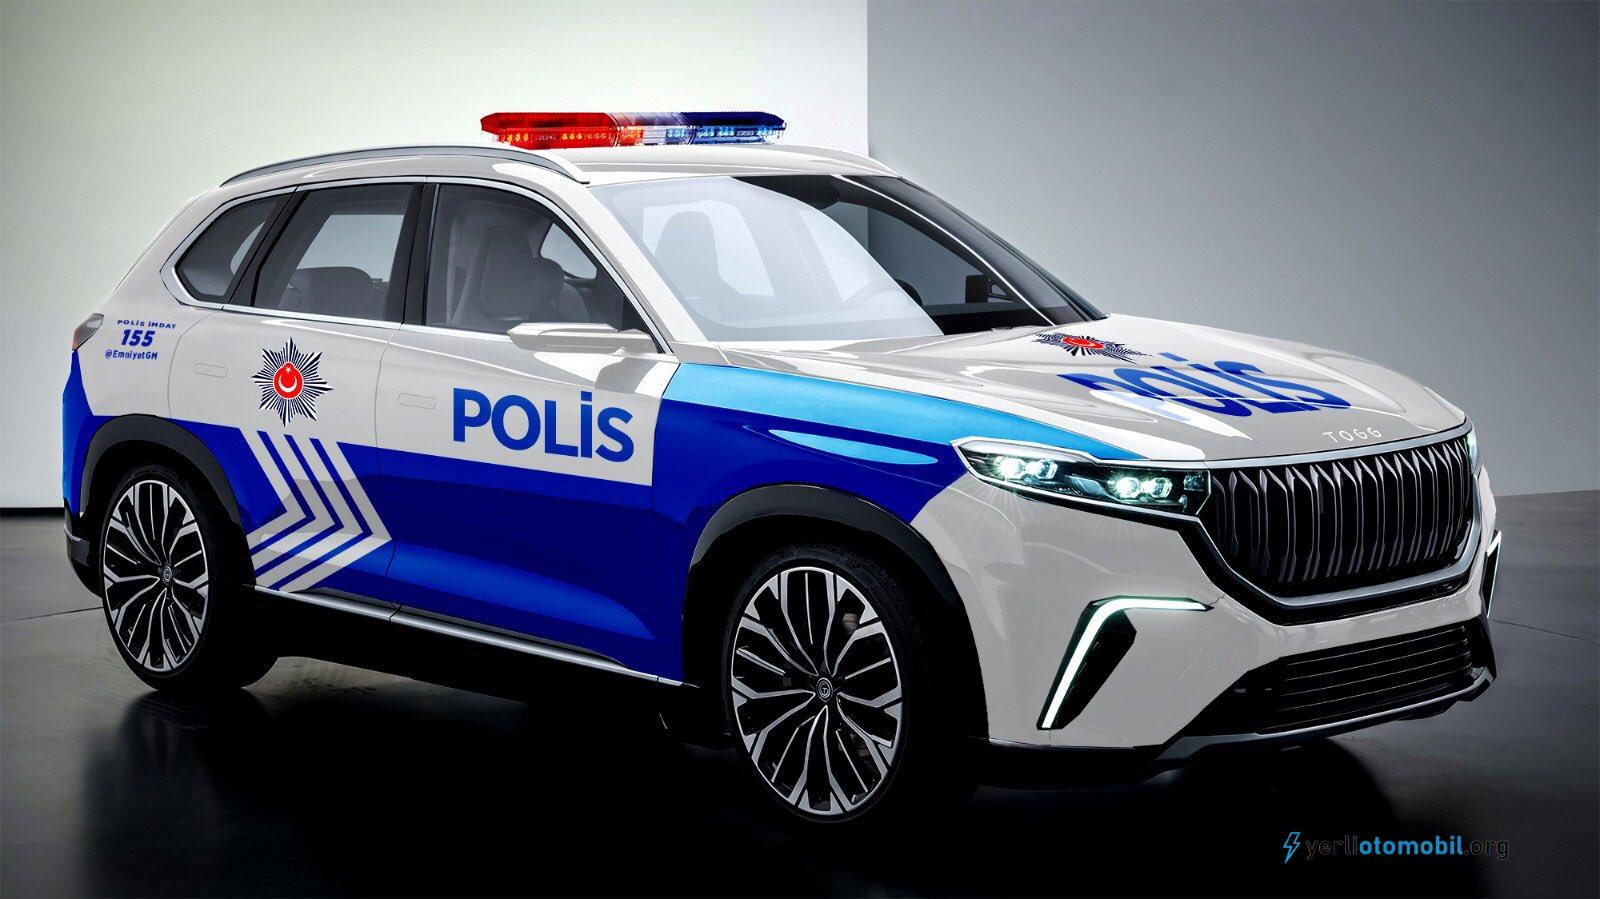 Yerli Otomobil Polis arabası